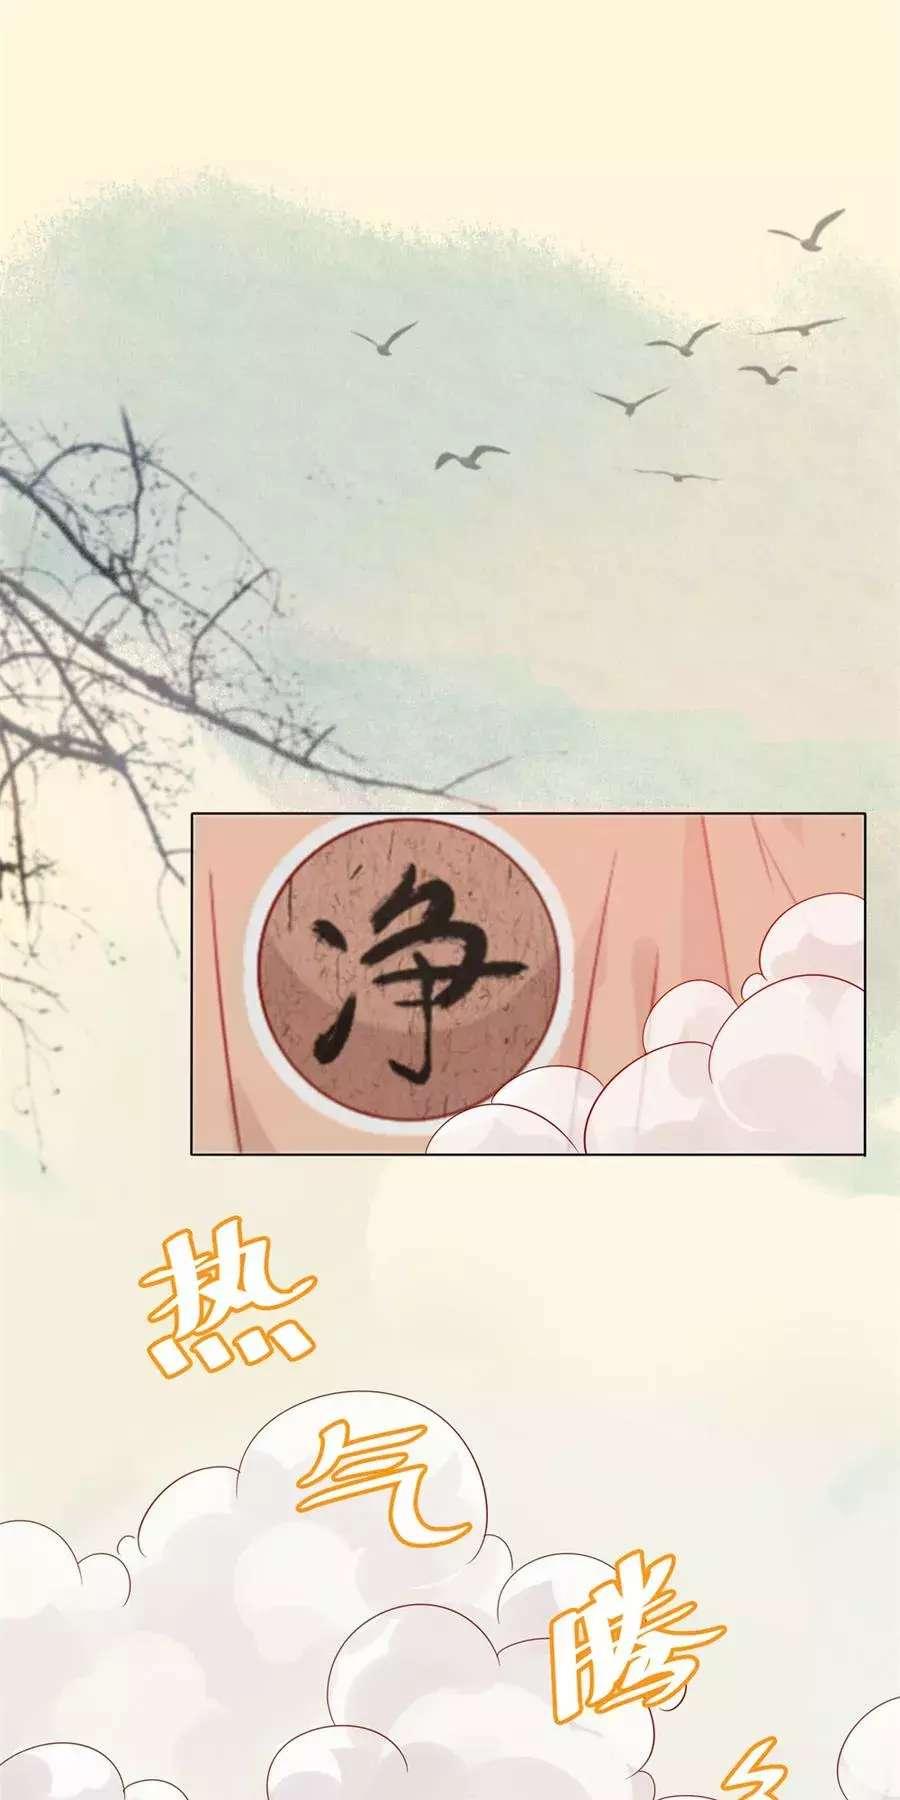 云想之歌-笼中之恋第7话  第七话 她的信念 第 5